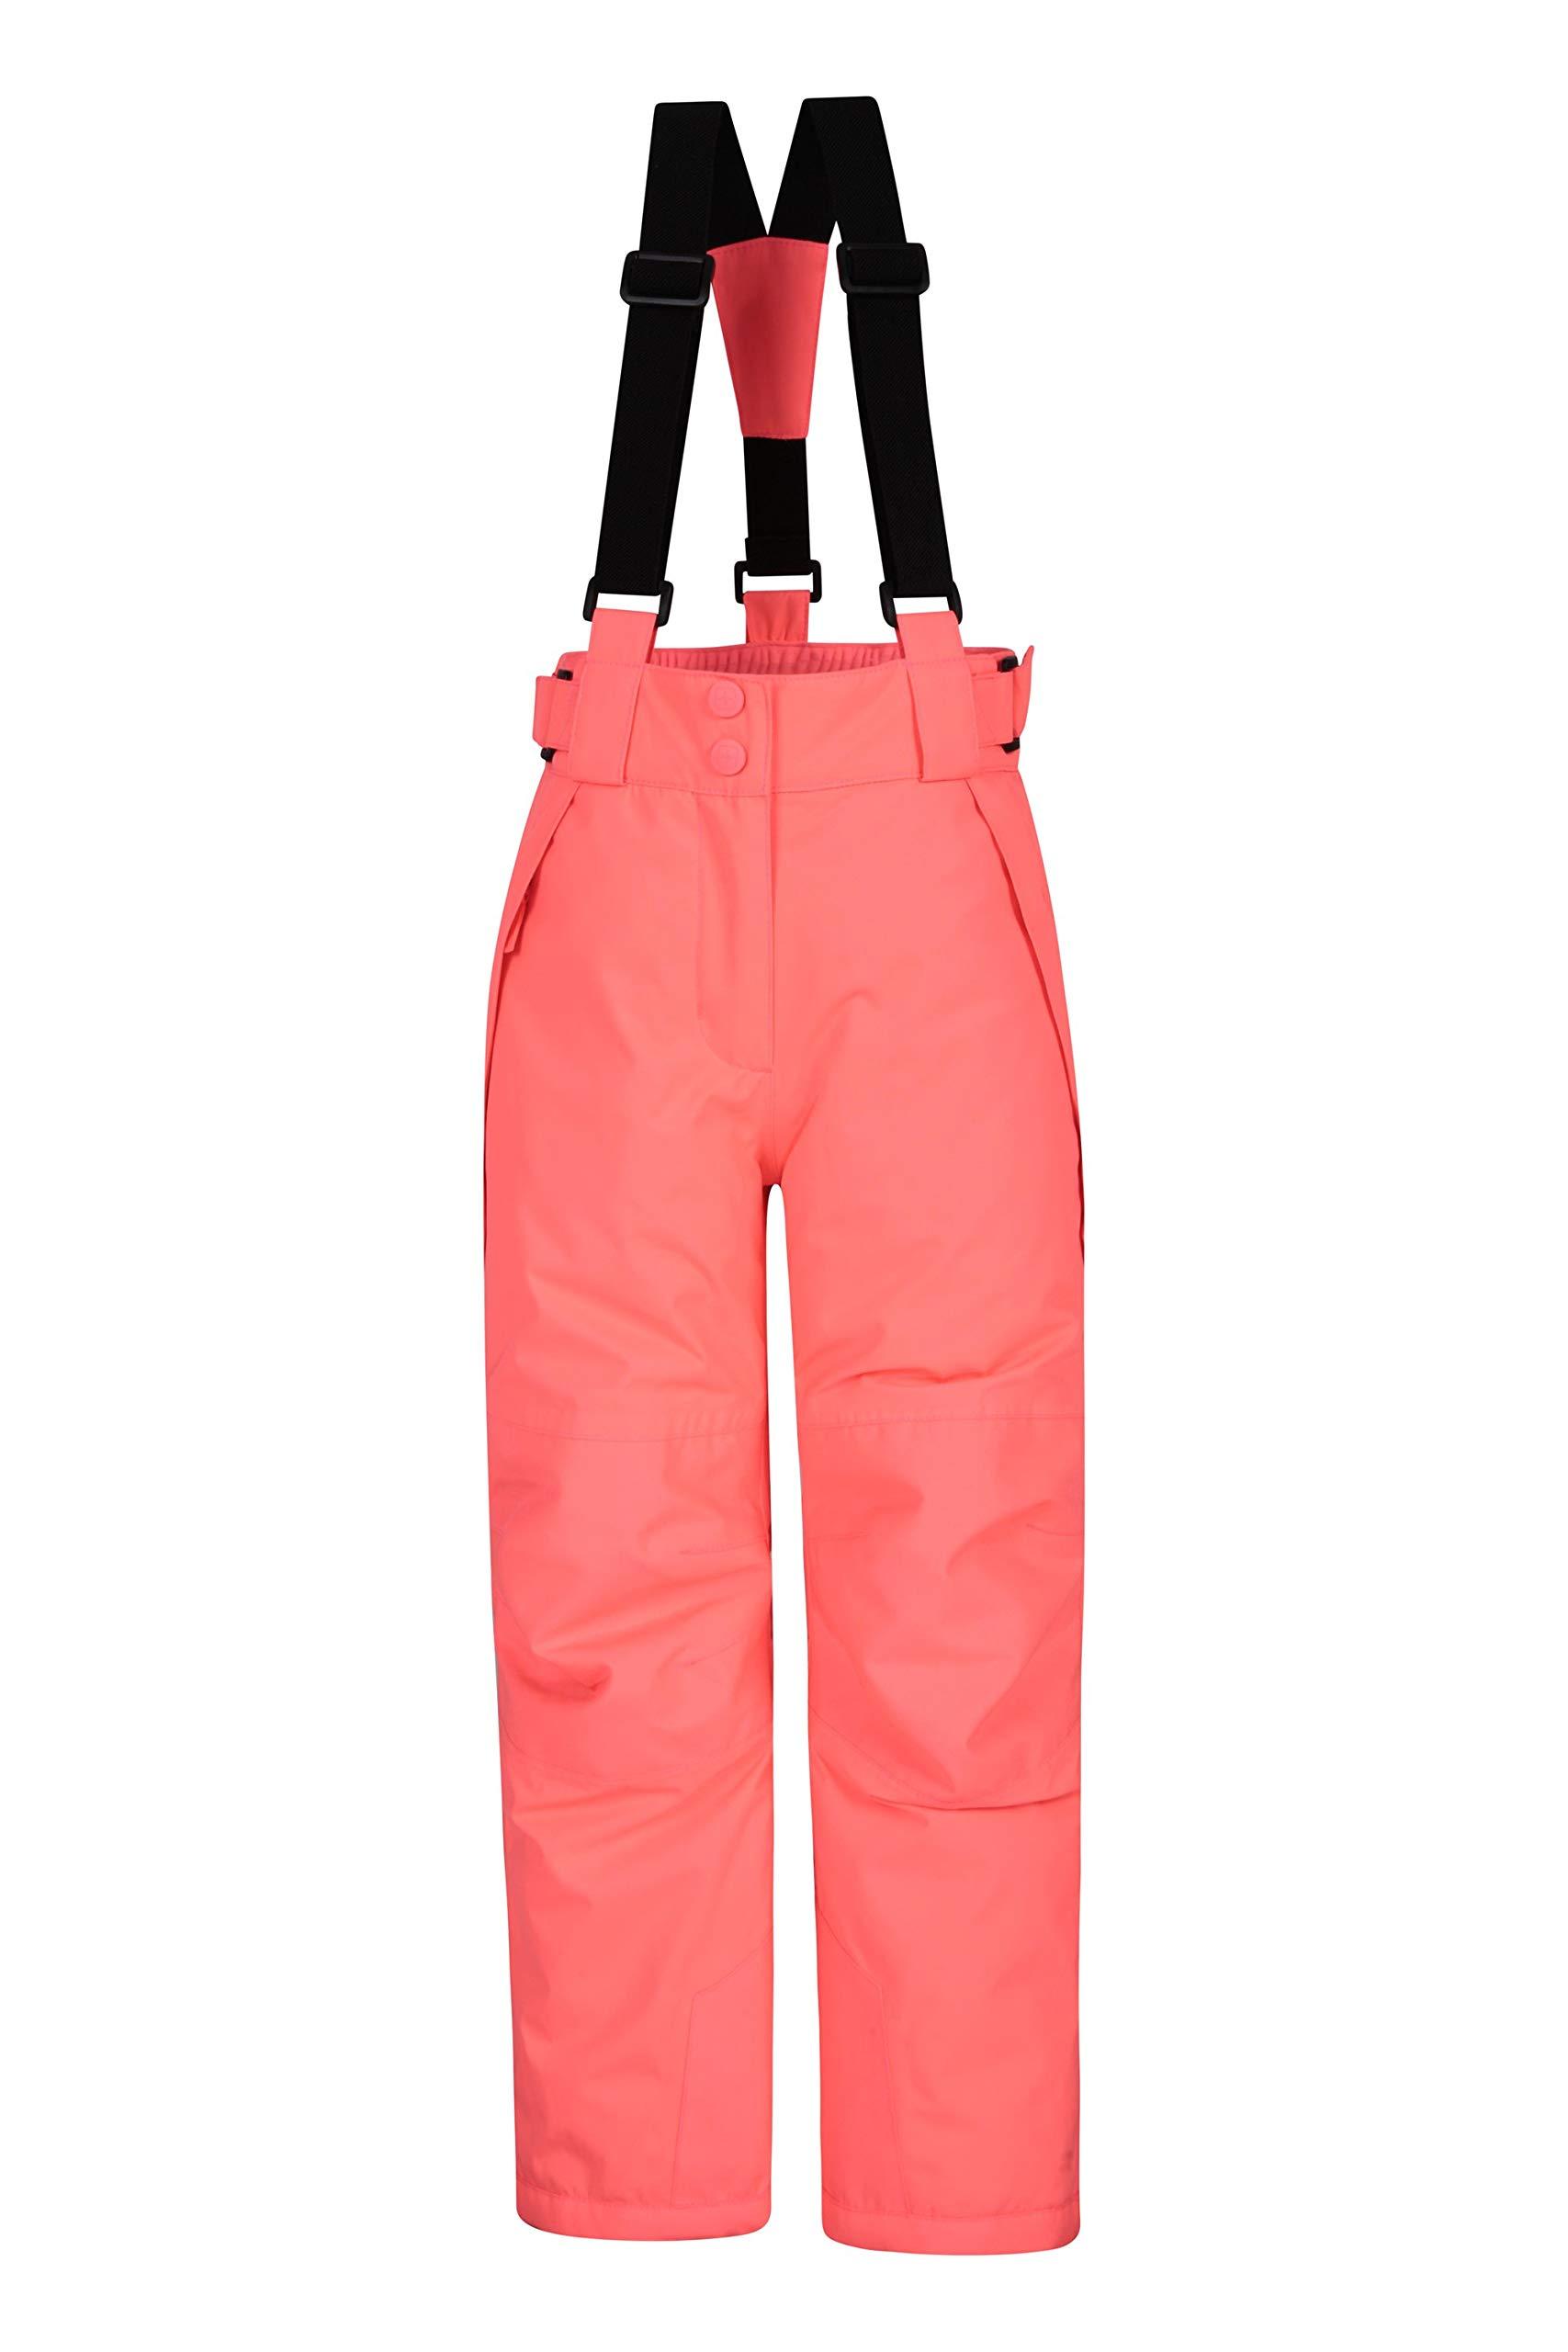 Mountain Warehouse Pantalon de Ski Enfants Falcon Extreme - Coutures soudées, Imperméable, Guêtres Pare-Neige, Poches sécurisées - Idéal pour Le Ski et Les Vacances